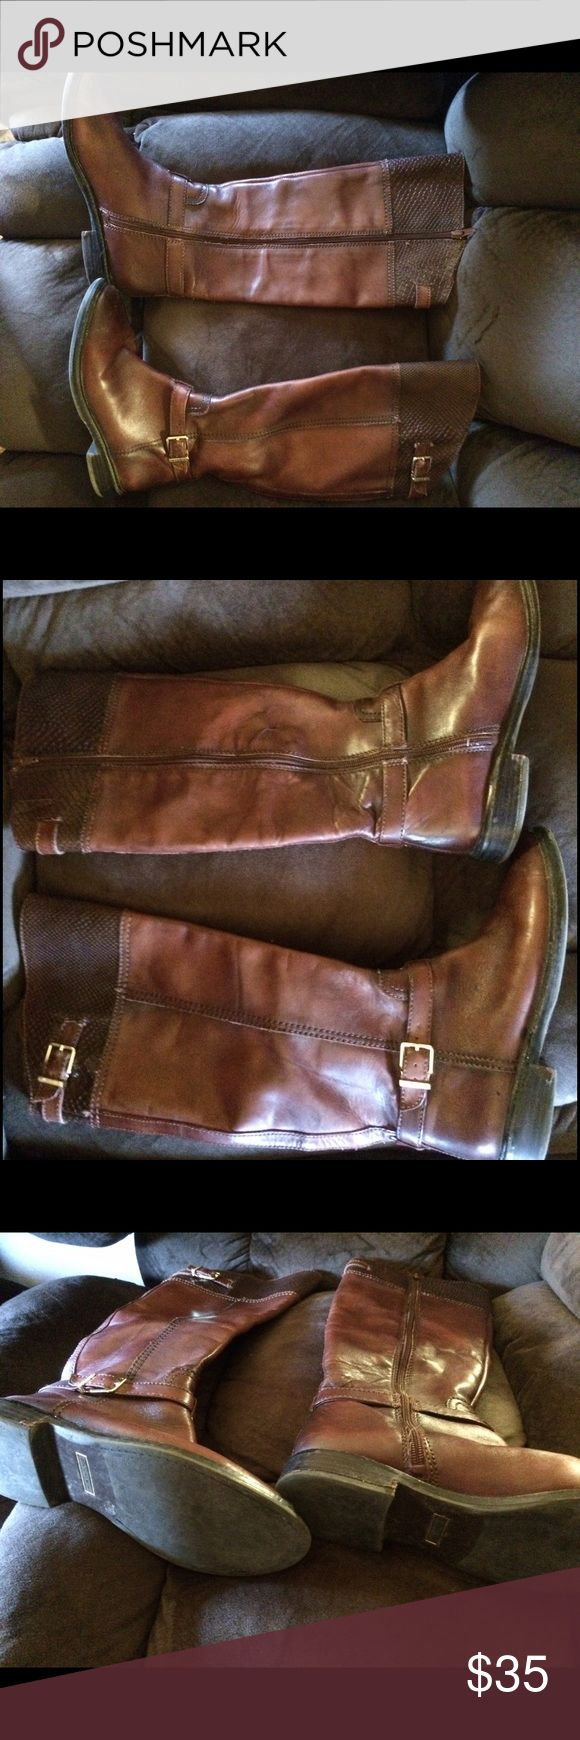 Gianni Bini Boots Comfortable Gianni Bini Boots Gianni Bini Shoes